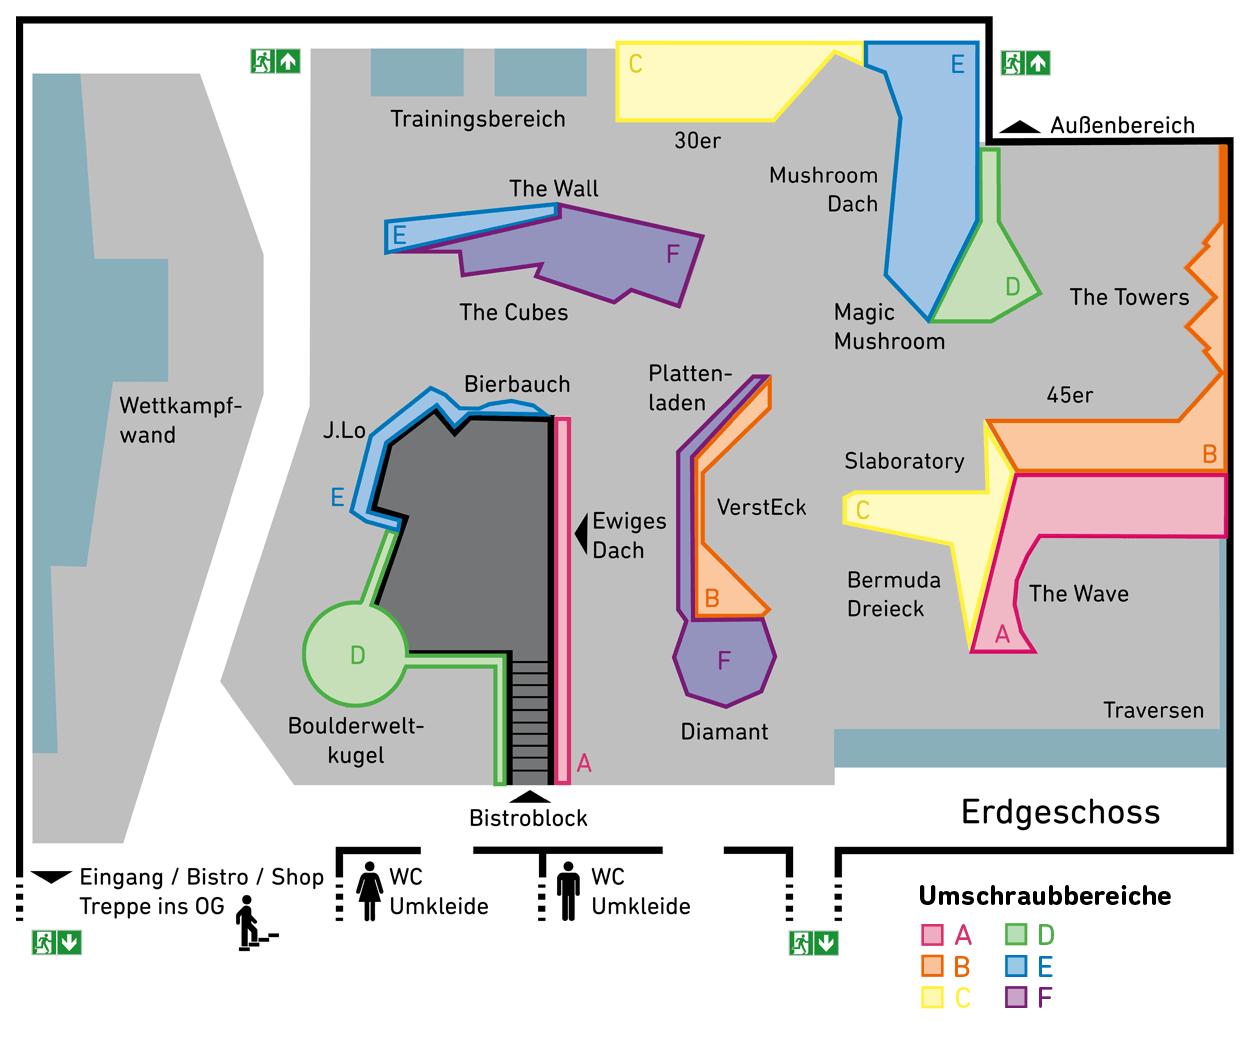 Hallenplan der Boulderwelt Regensburgen mit den Umschraubbereichen im